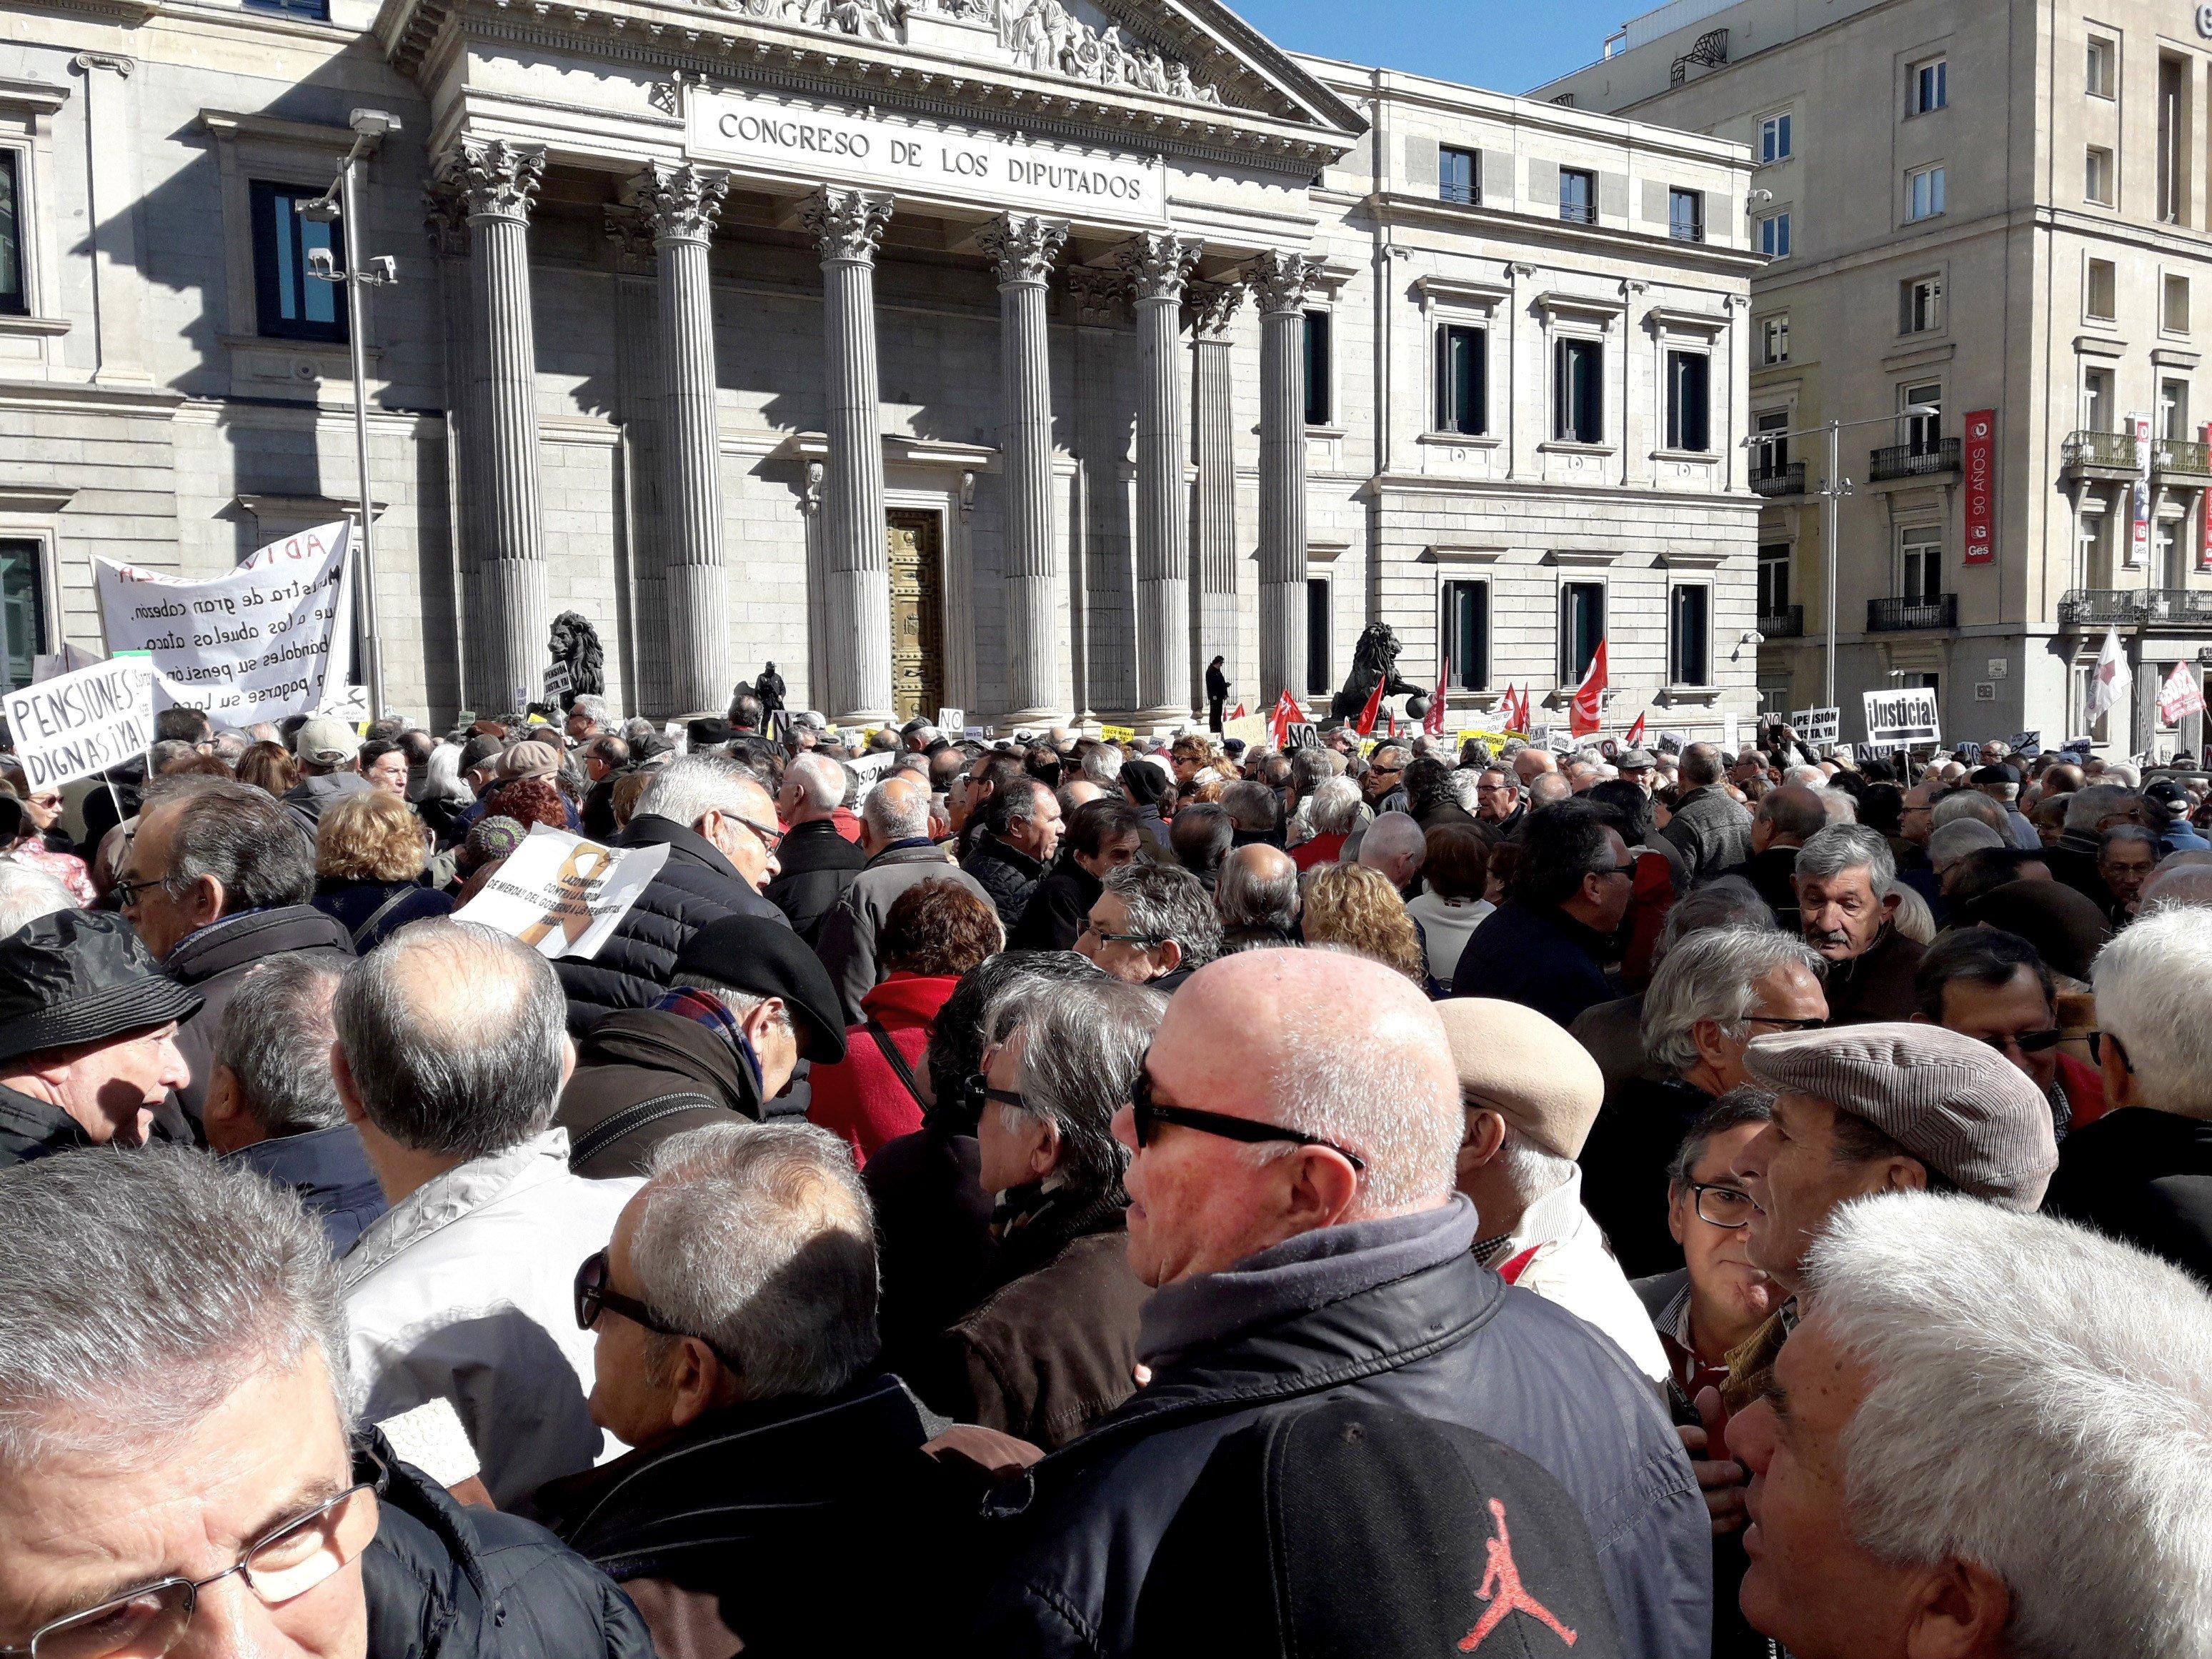 Miles de jubilados cortan el acceso al Congreso de los Diputados para reclamar pensiones dignas